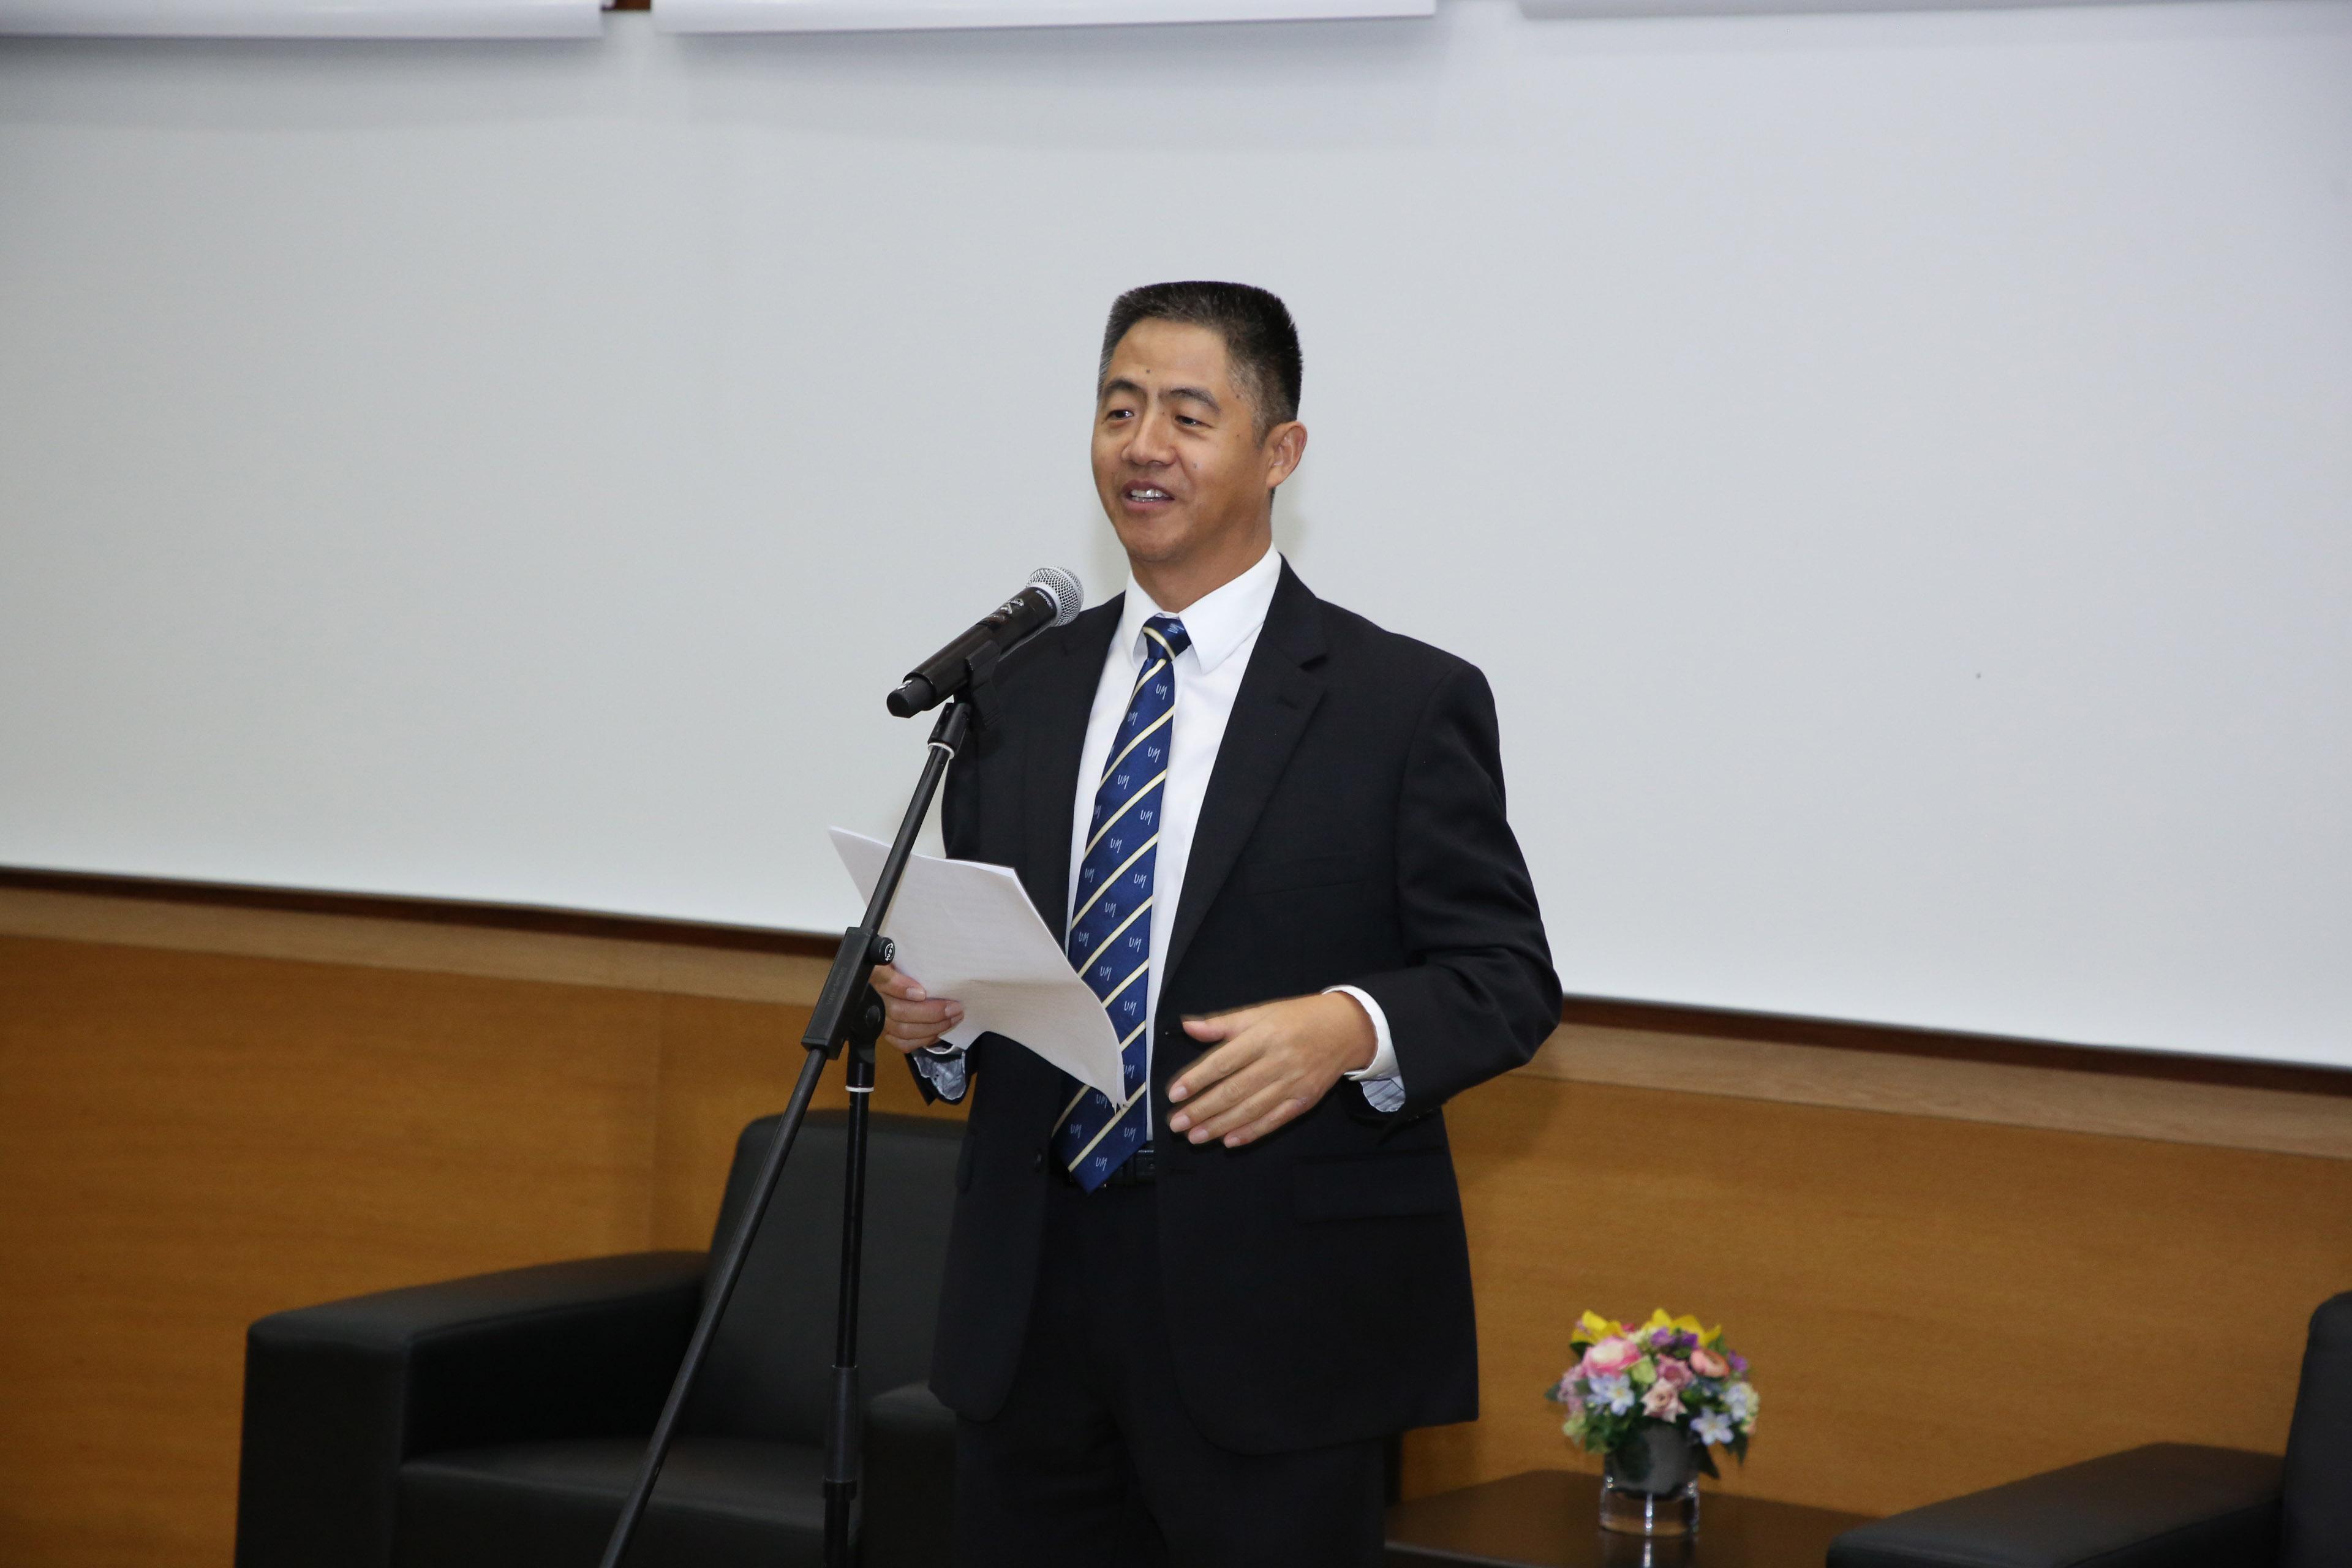 Wang Chuang